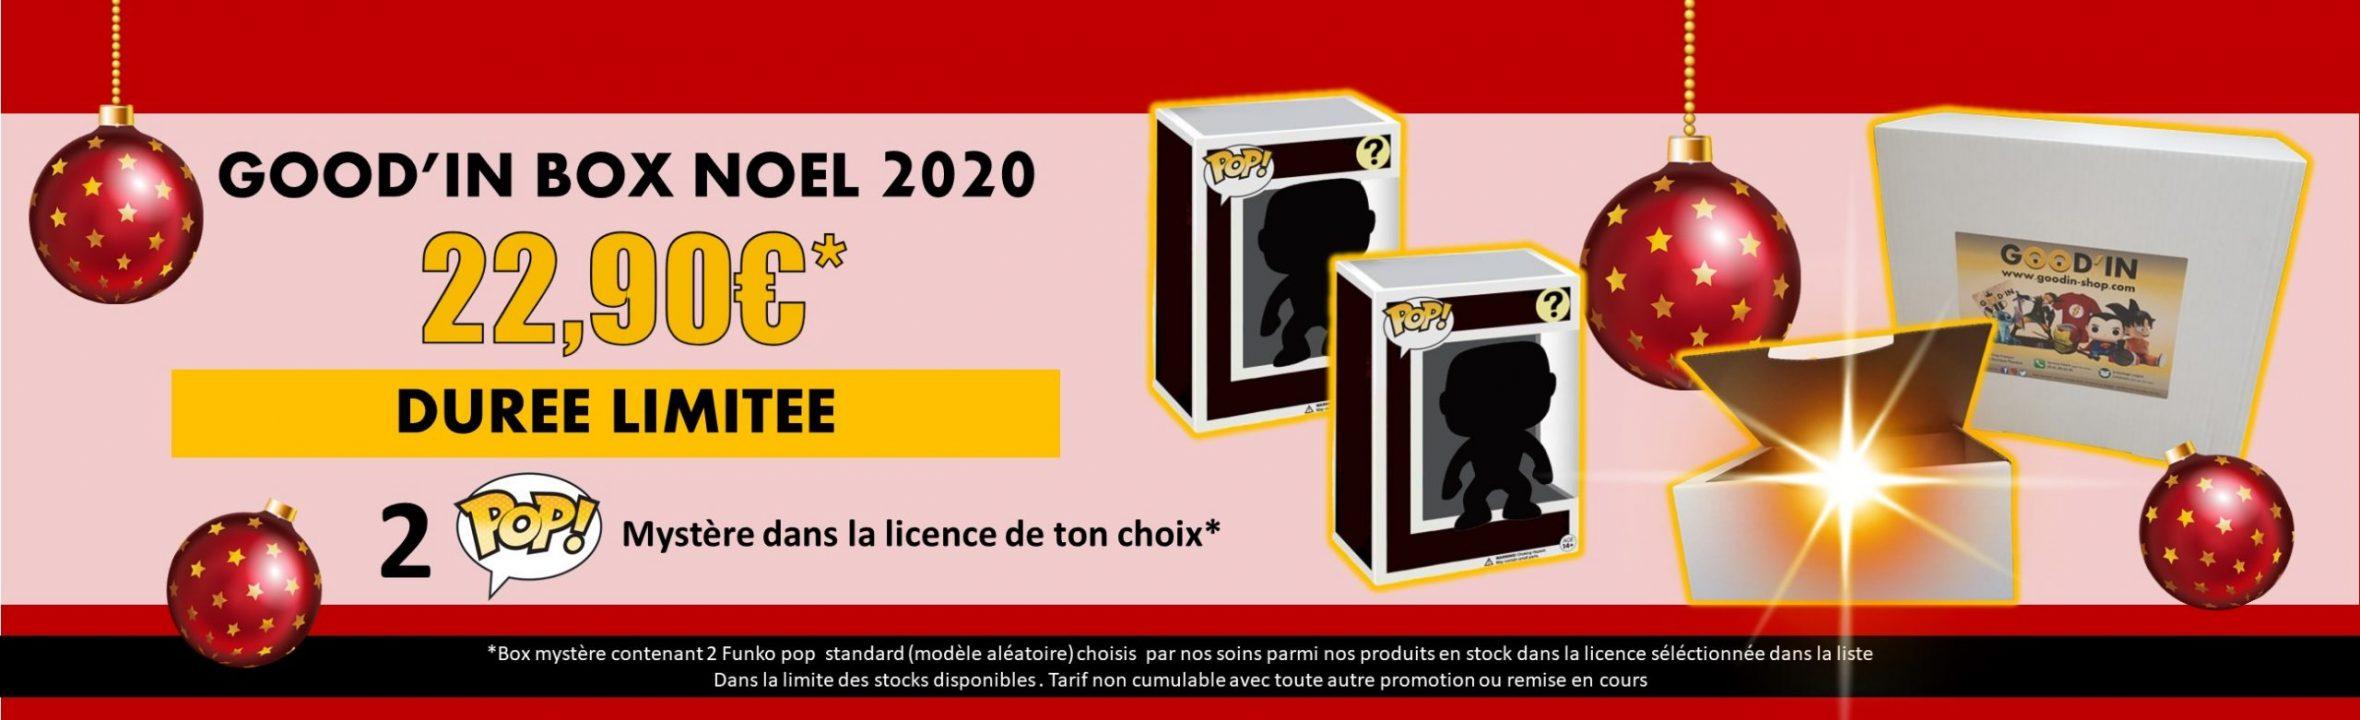 good'in box noel 2020 2 funko pop mystere Goodin shop